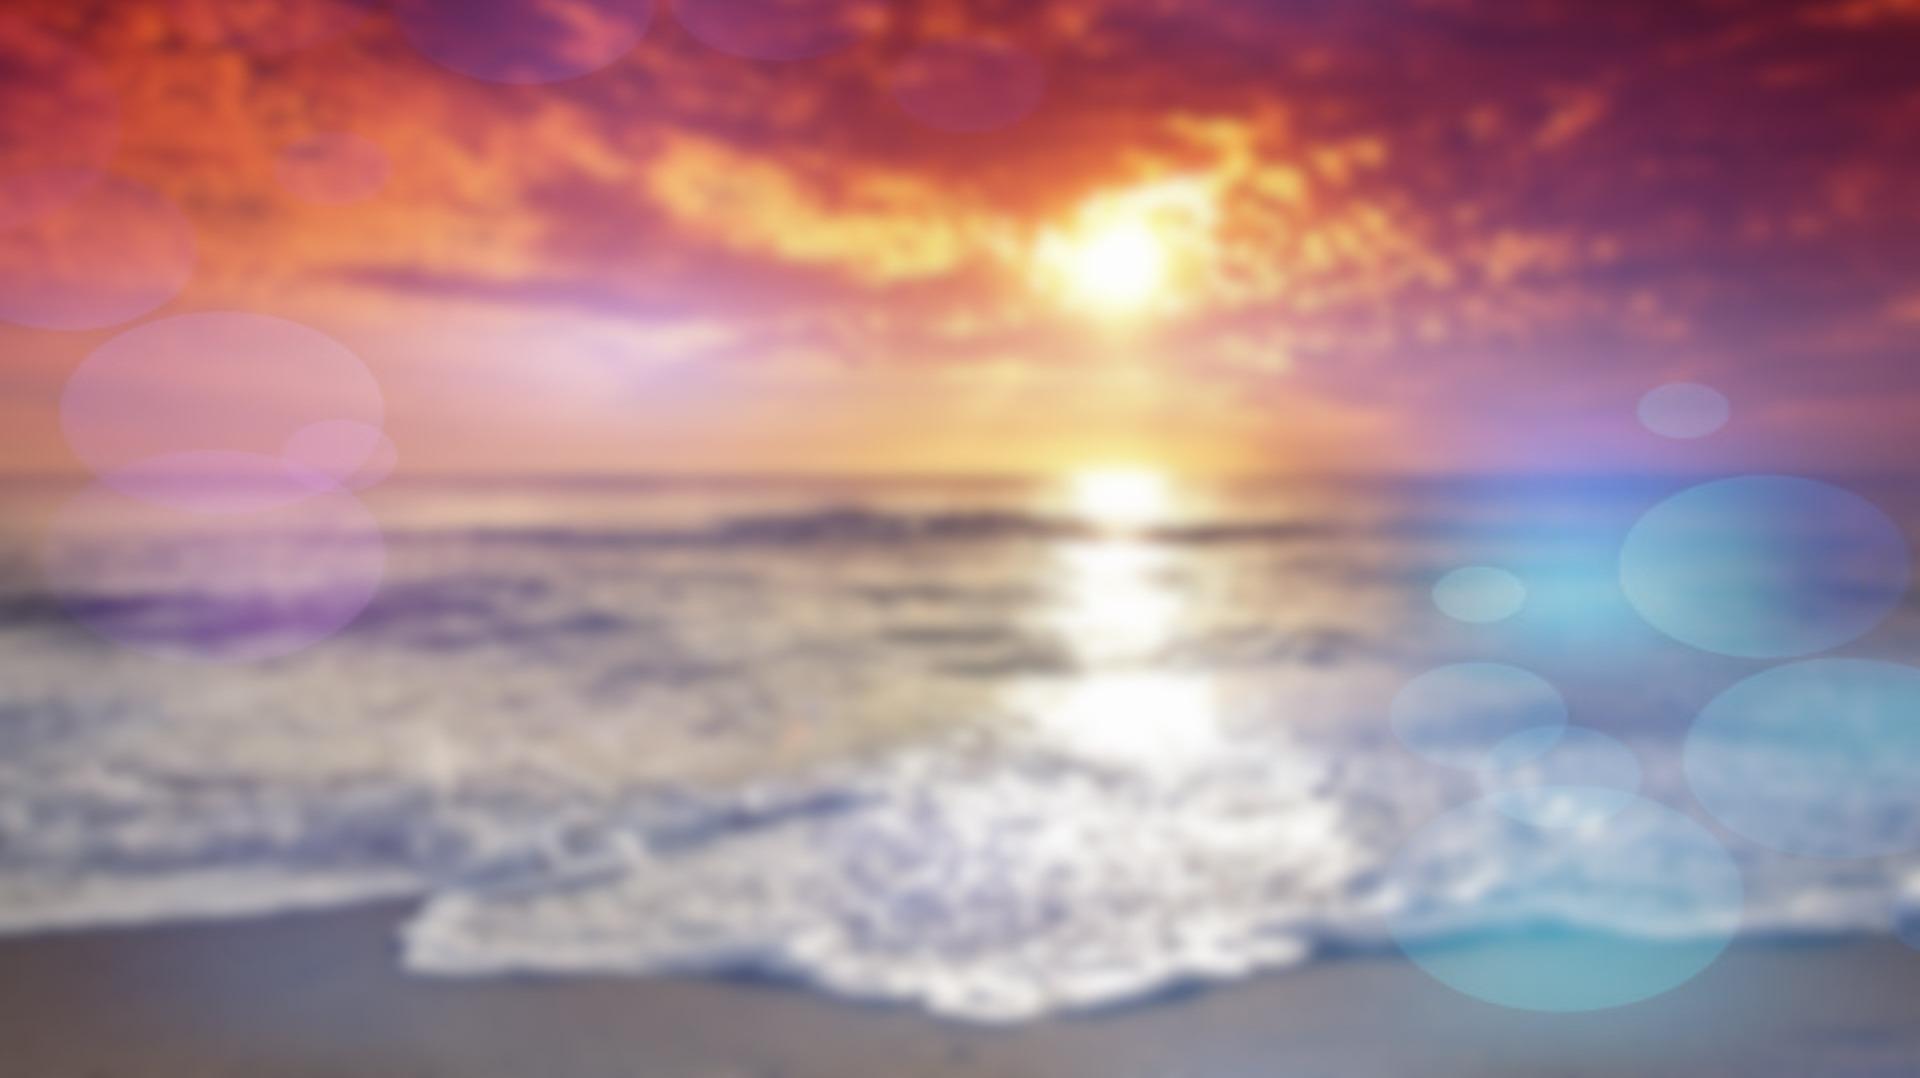 Beach Blurred Light Effect